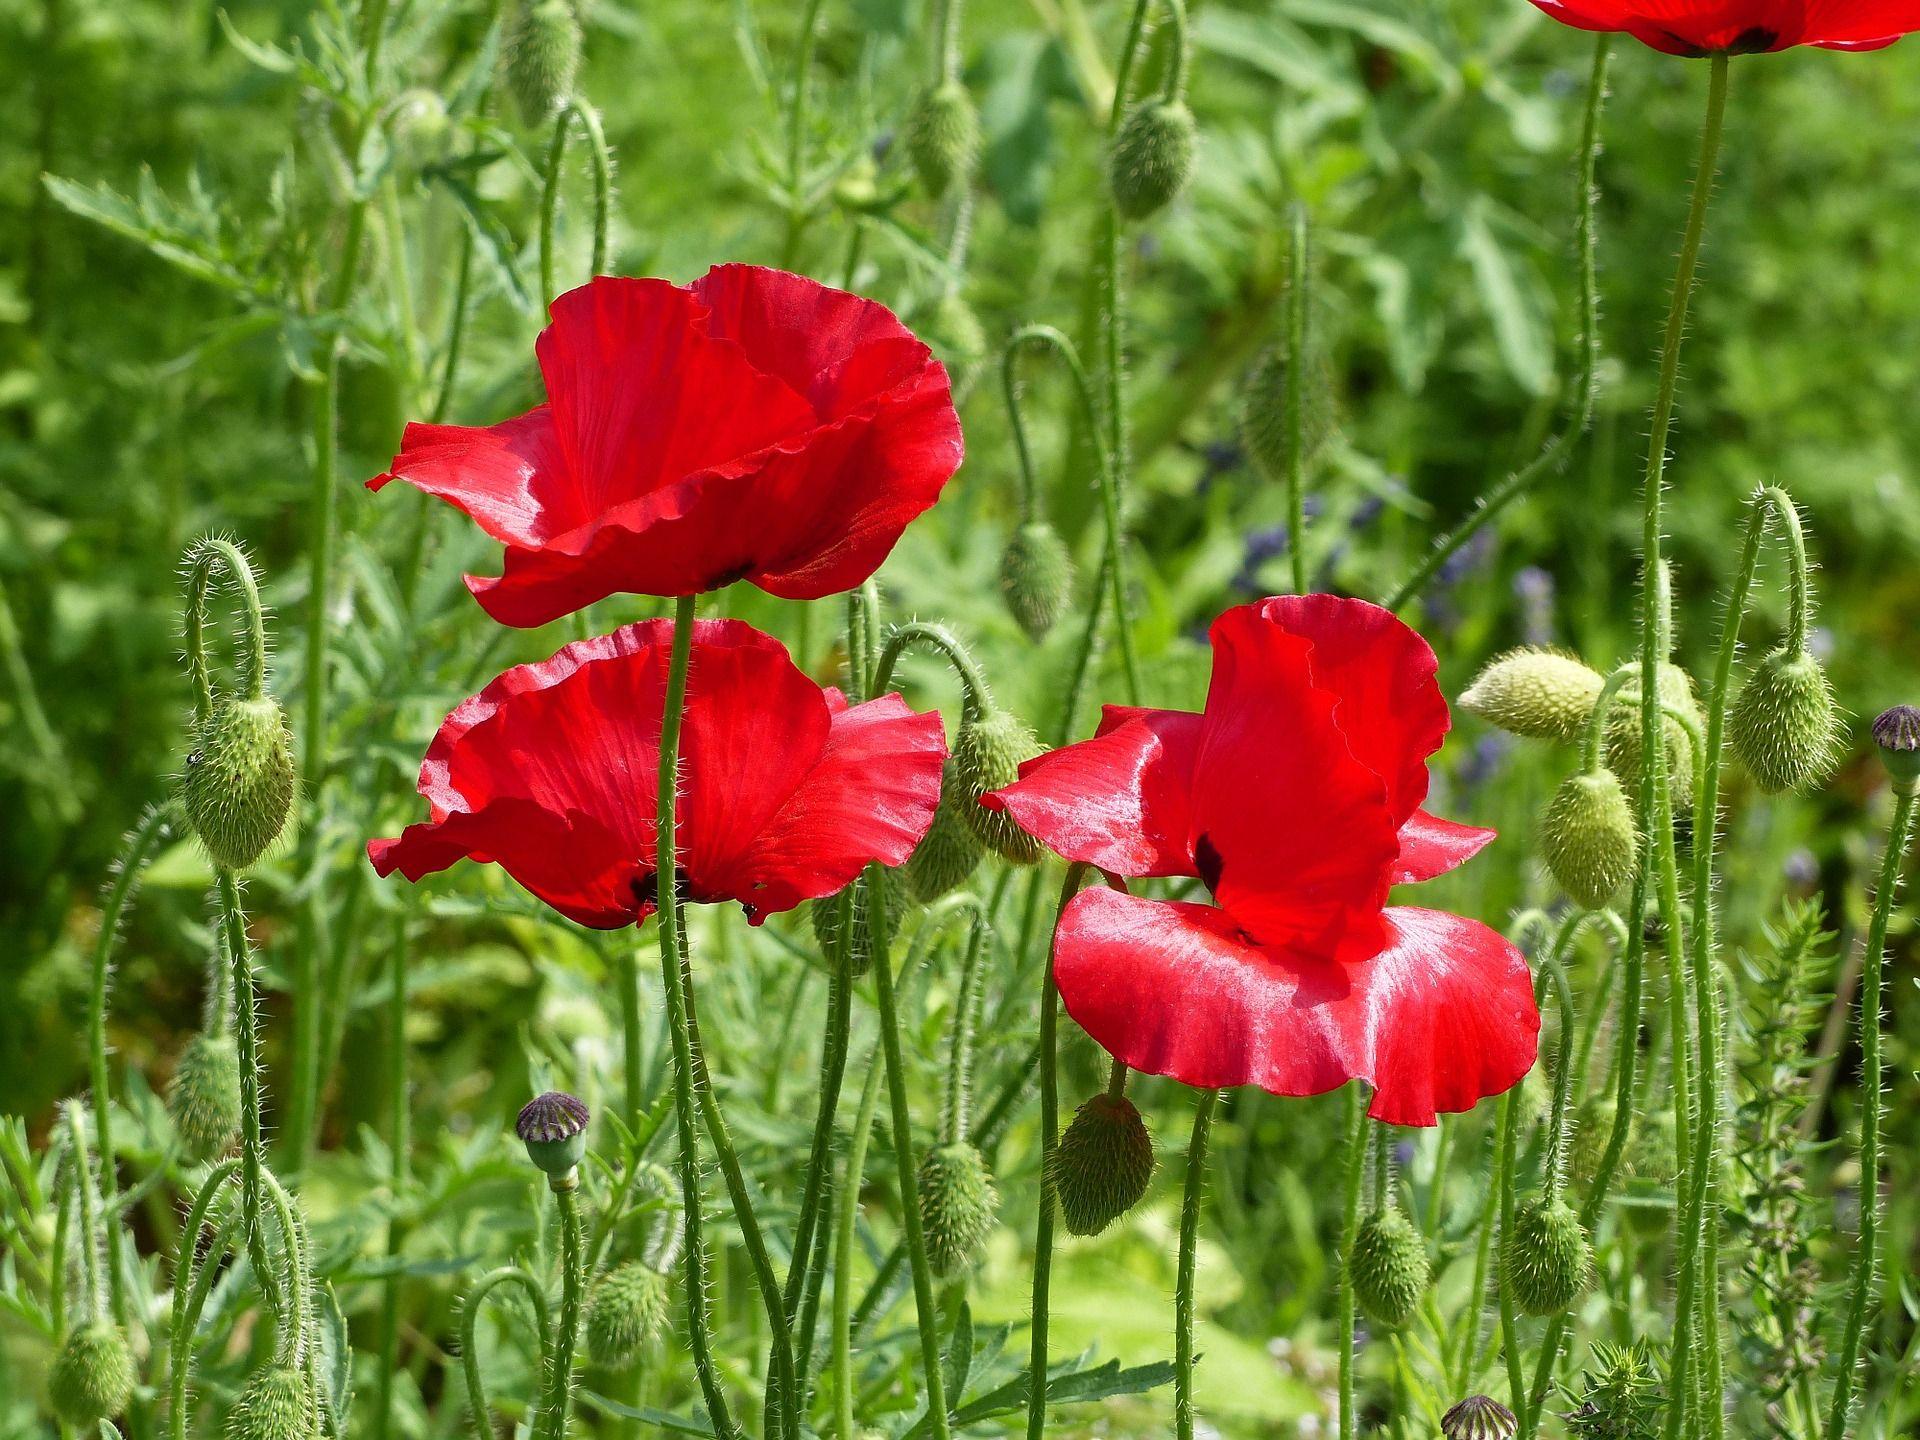 poppy-837202_1920.jpg (1920×1440)